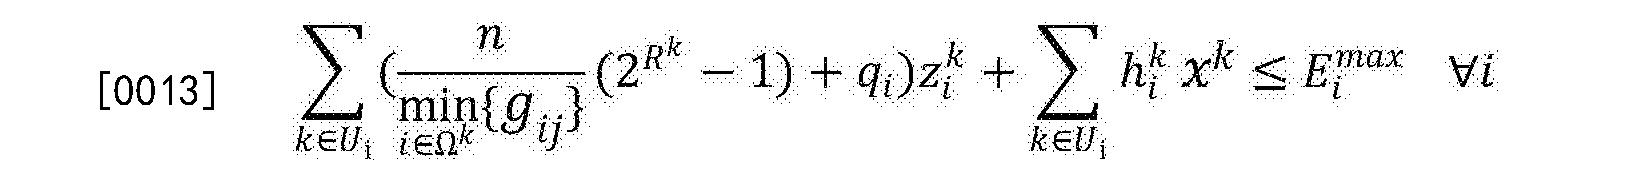 Figure CN104581867BD000612